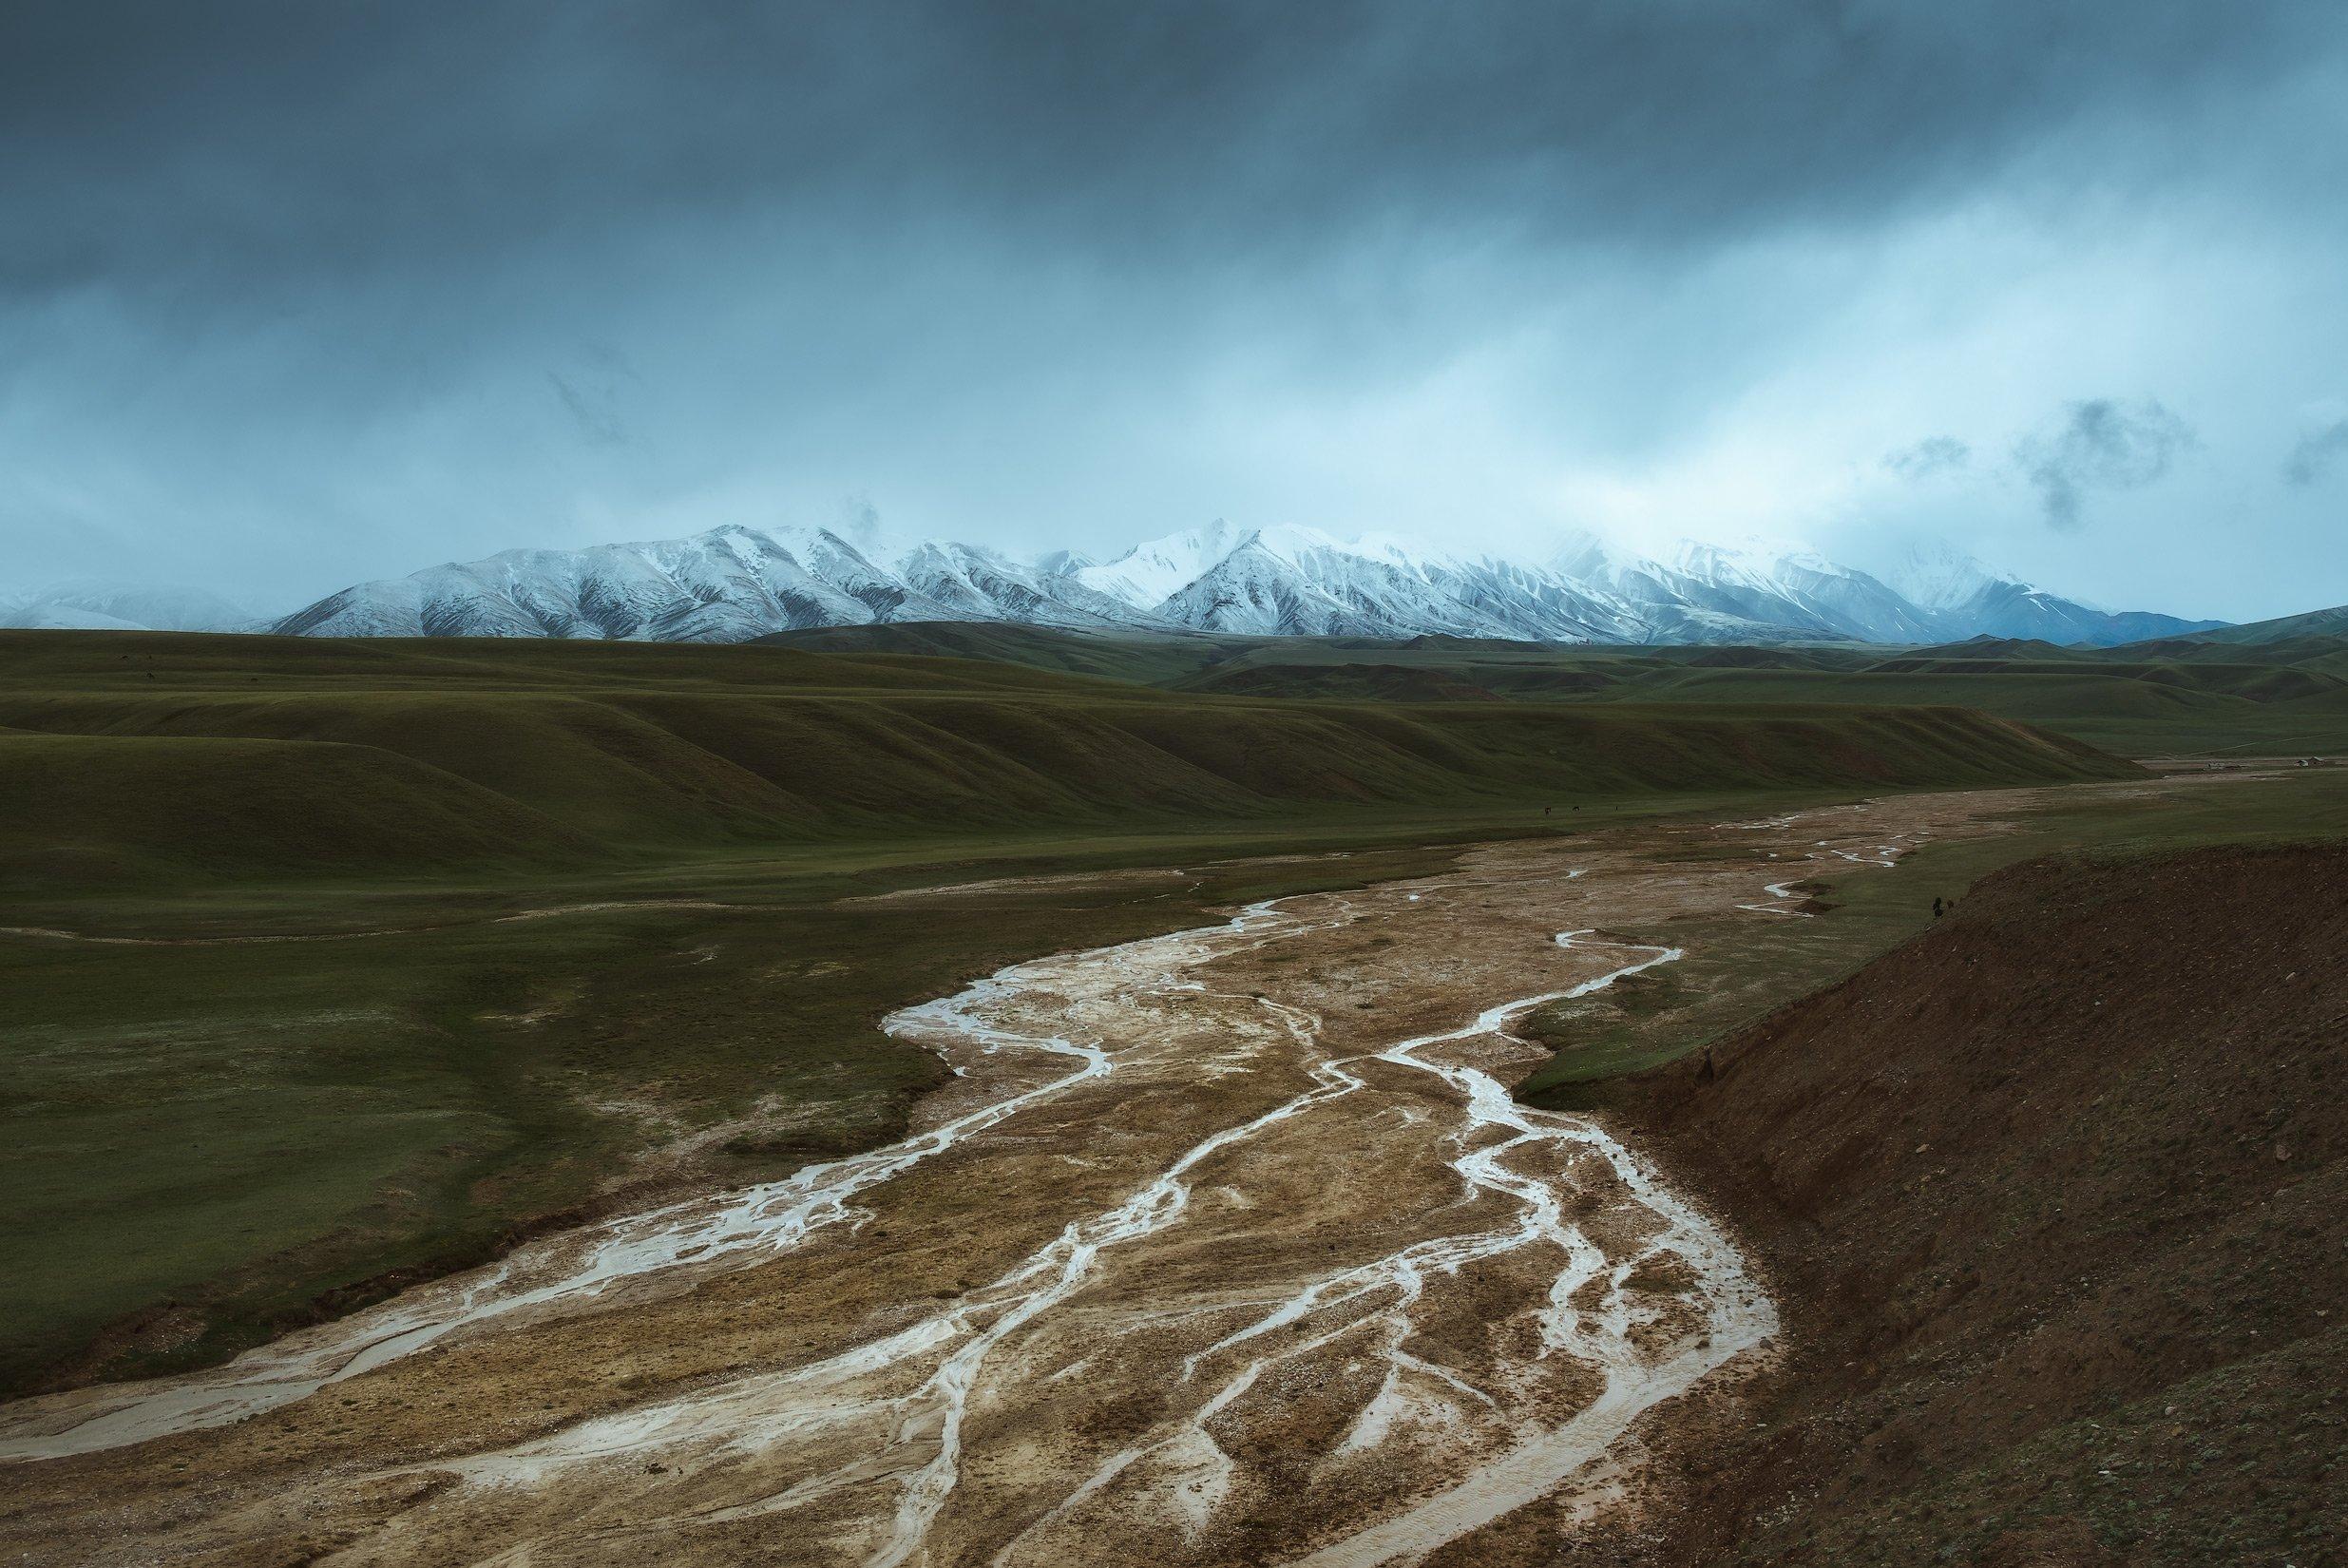 киргизия, кыргызстан, средняя азия, горы, каньон, скалы, пейзаж, весна, ущелье, река, рассвет, Оборотов Алексей